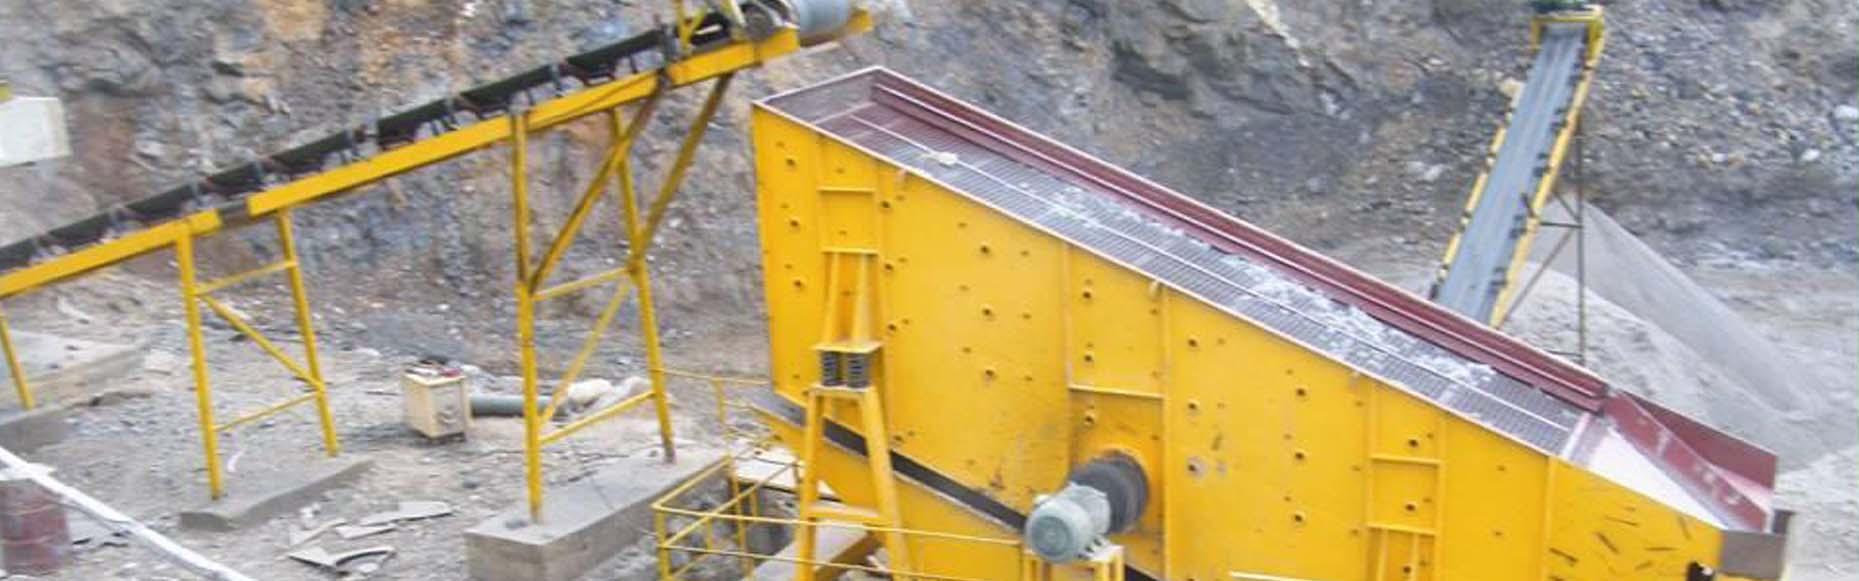 广东韶关日产5000吨河卵石制砂生产线